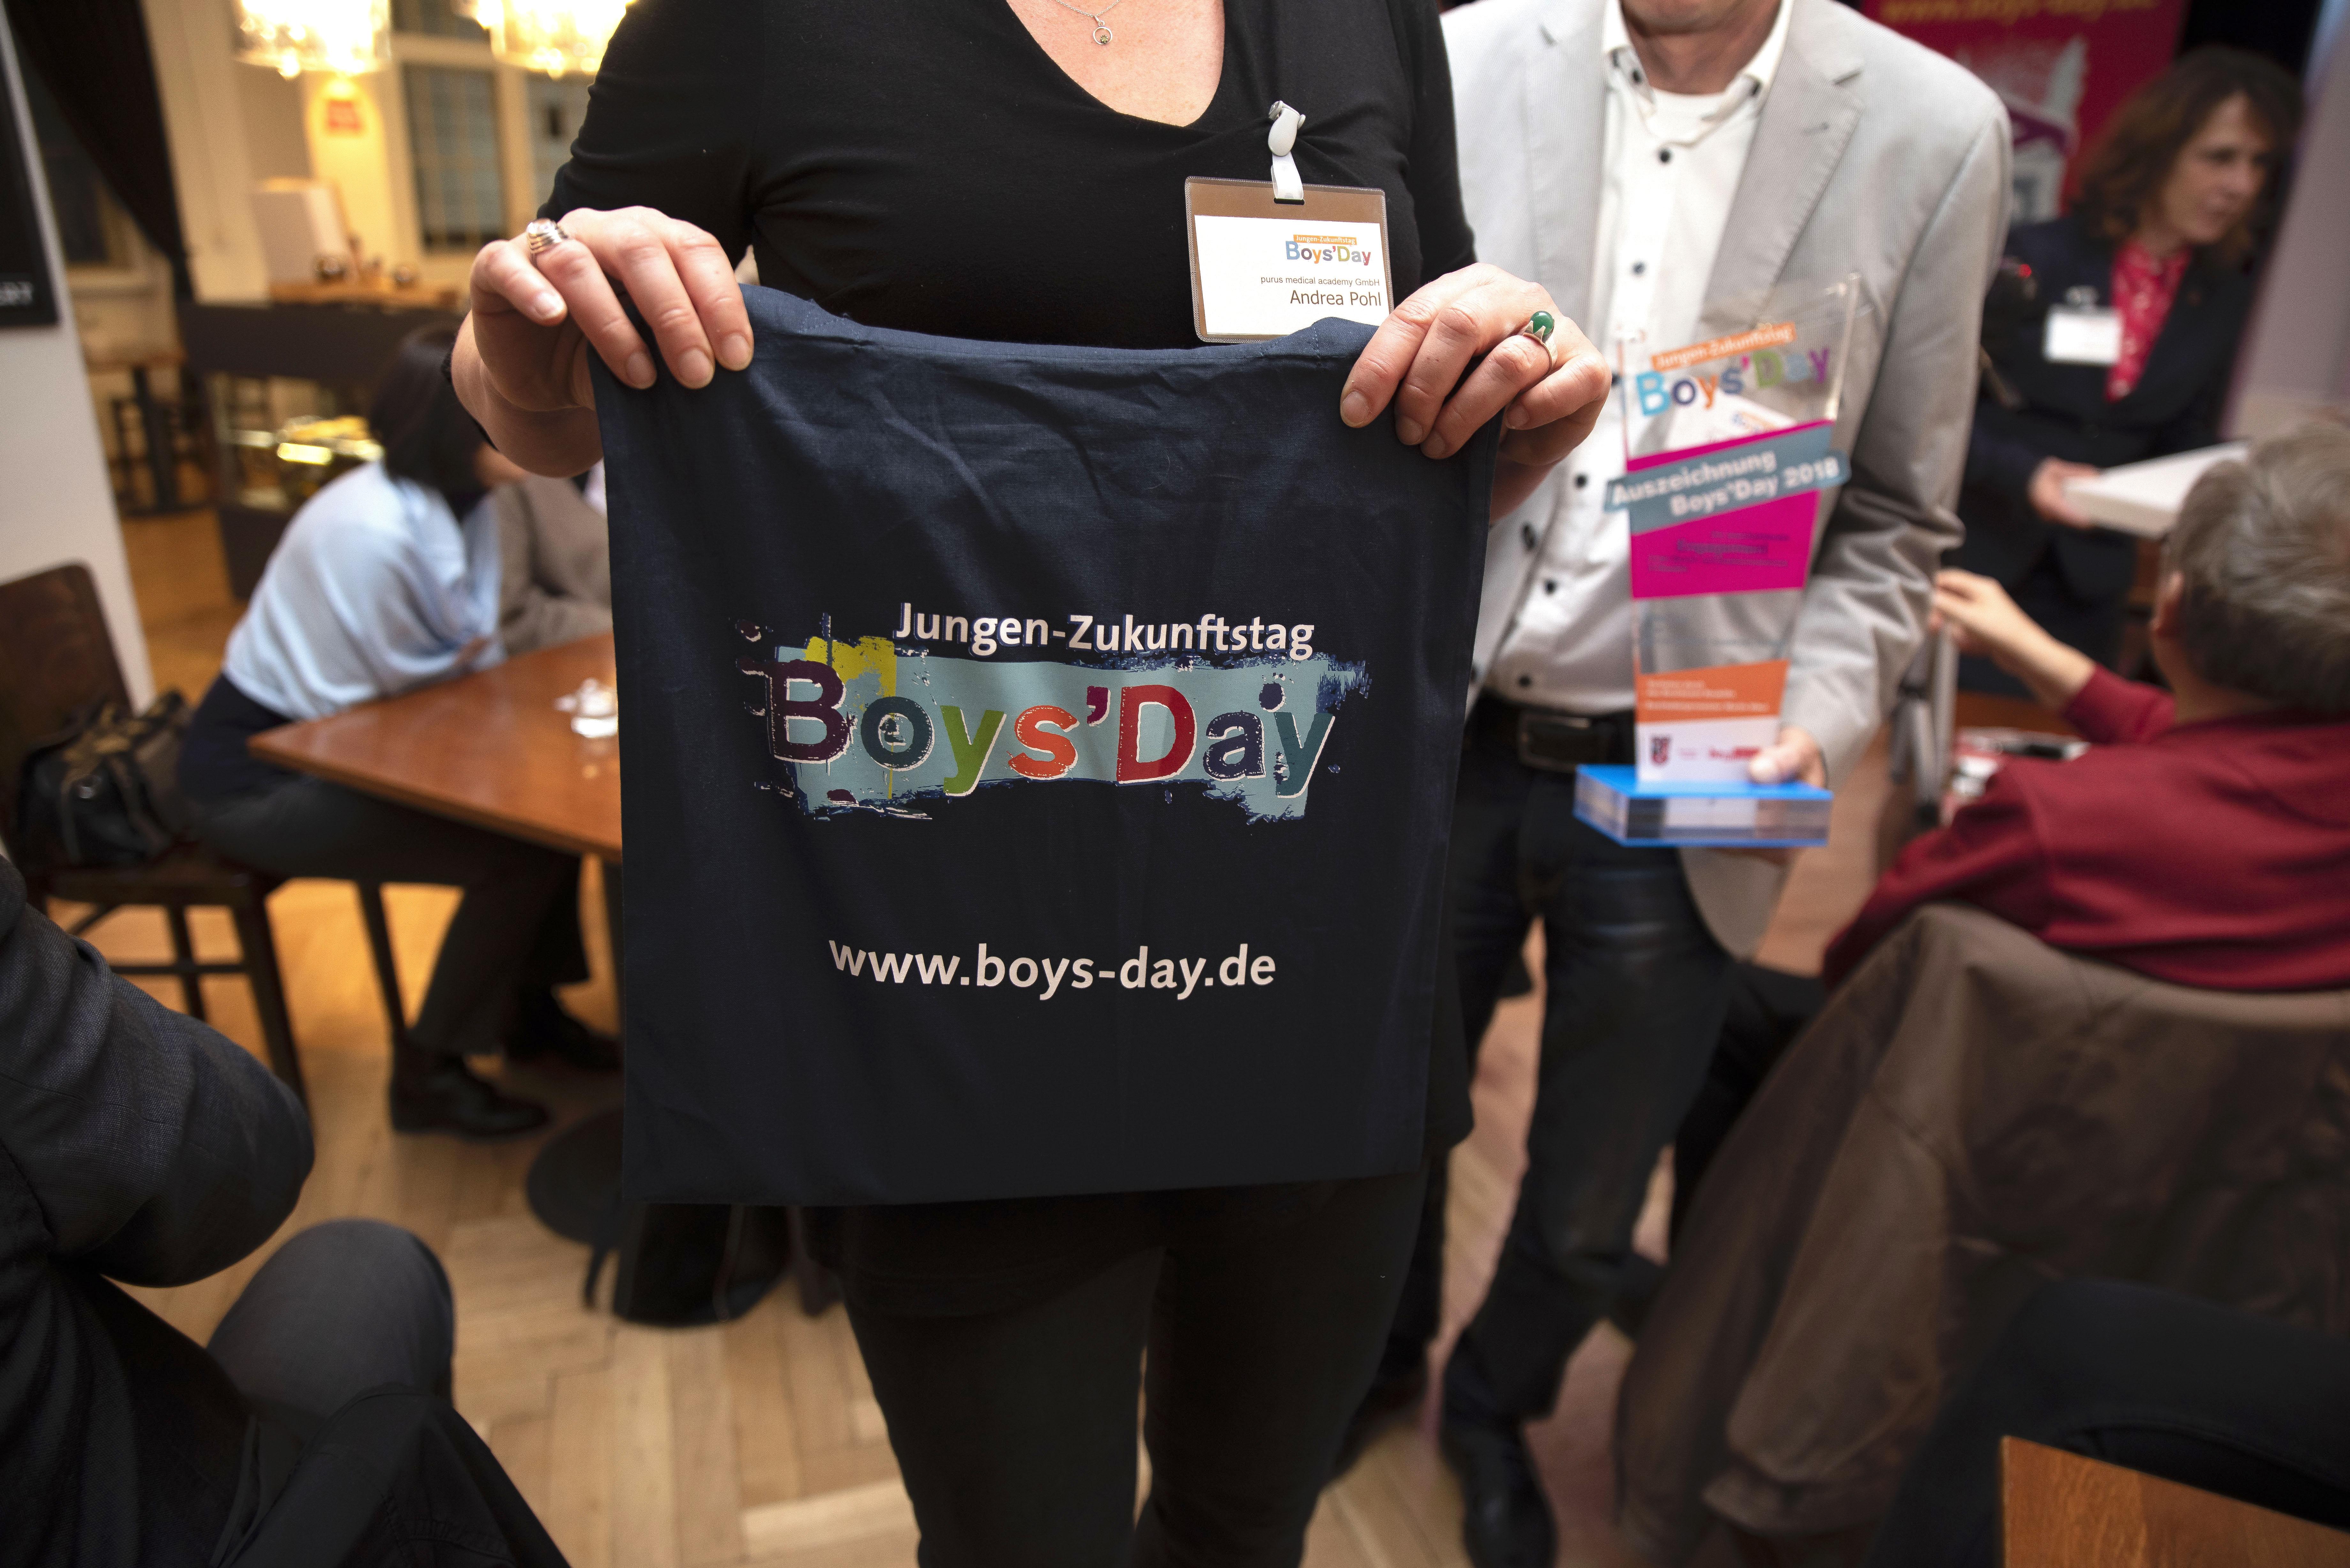 Unternehmen zum Boys' Day in Neukölln ausgezeichnet 2